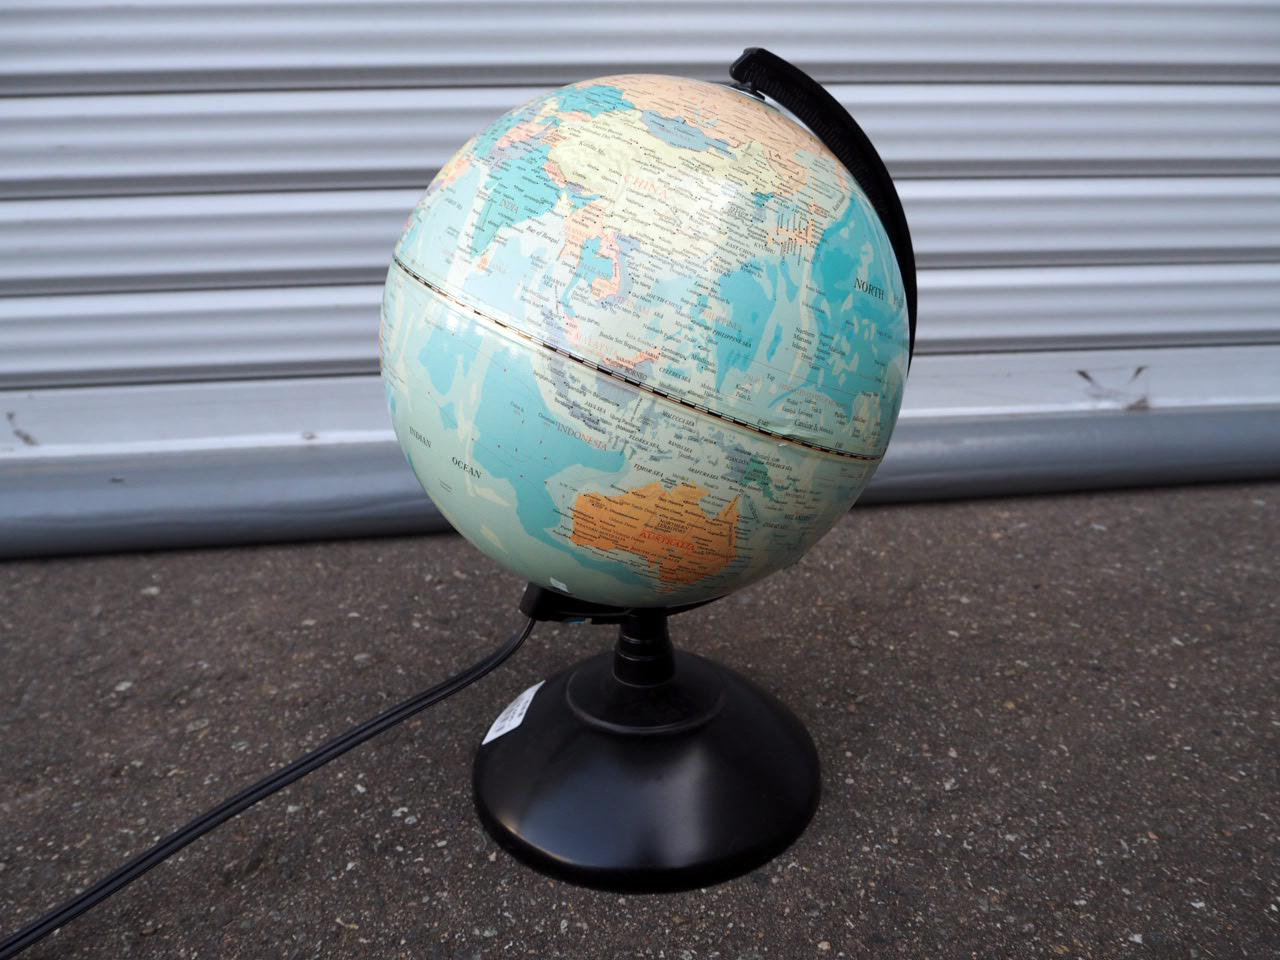 品番2374 ライト 地球儀 LISTED PORTBLE LAMP ヴィンテージ 1983's 011